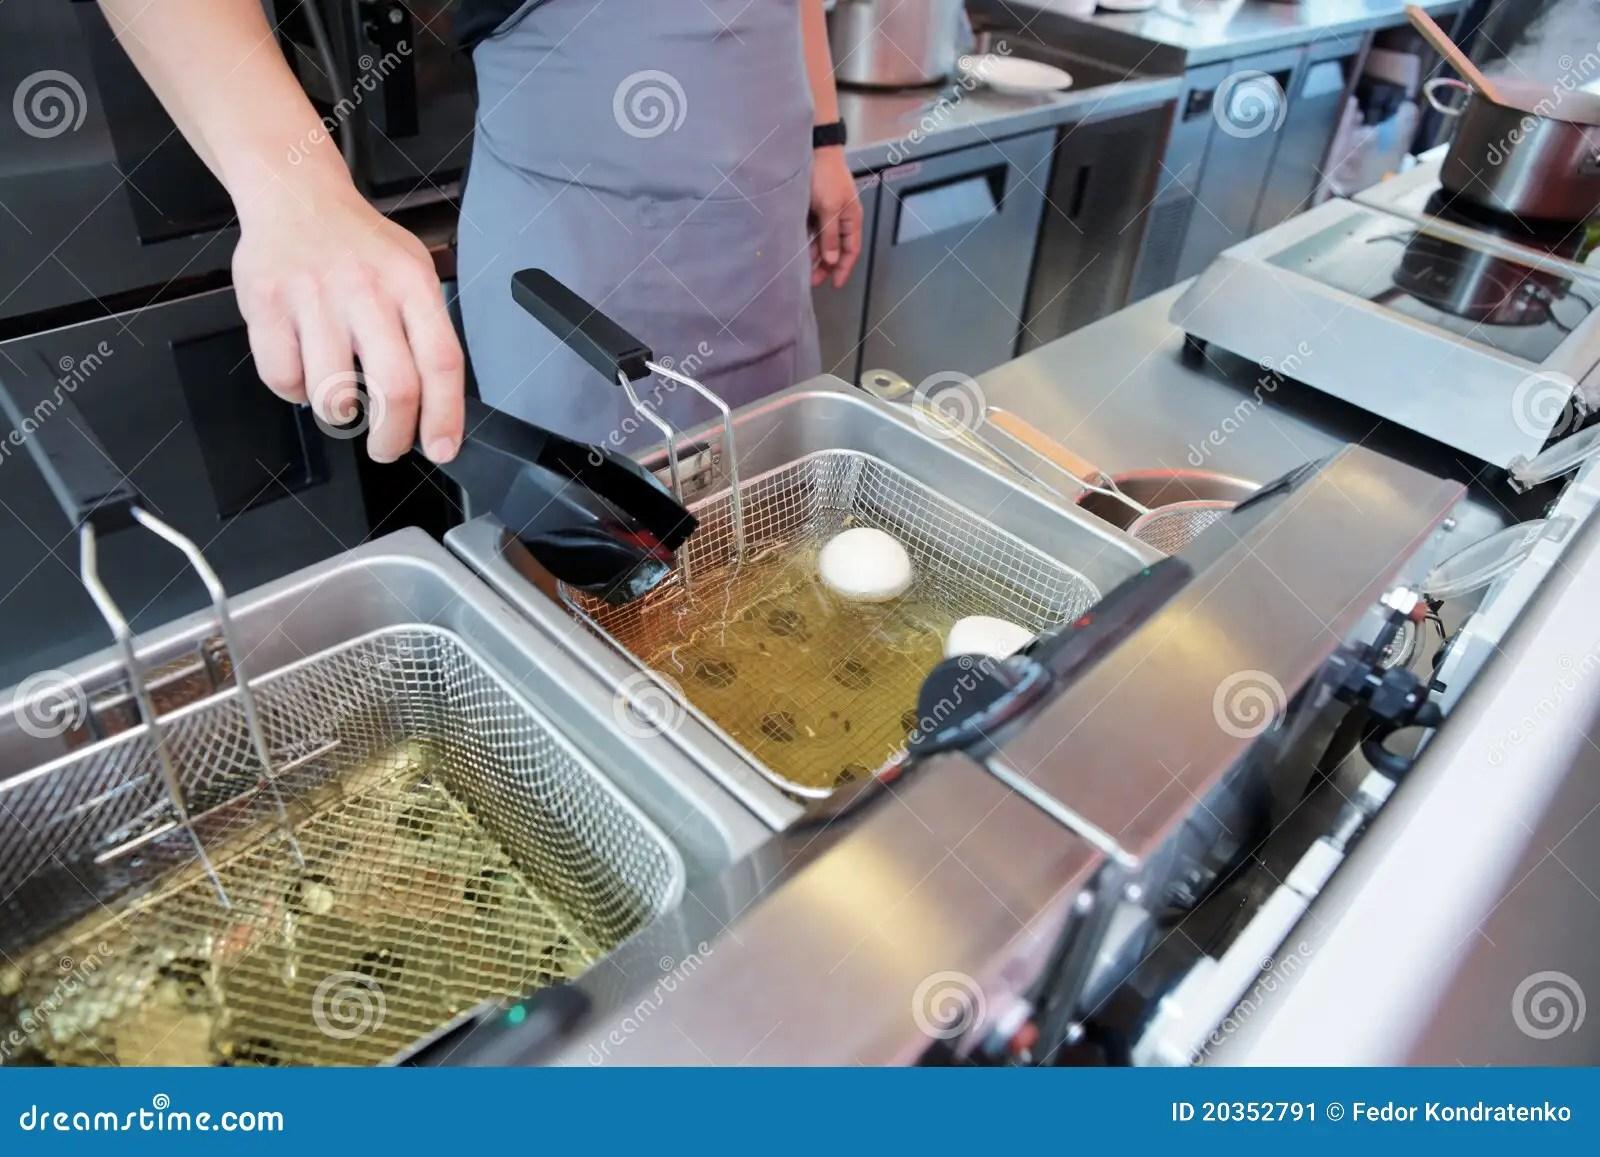 kitchen fryer tables and chairs 烹调深盘炸锅的主厨库存图片 图片包括有烤箱 充分 火炉 厨房 炸锅 烹调深盘炸锅厨房的煮沸的主厨上油餐馆